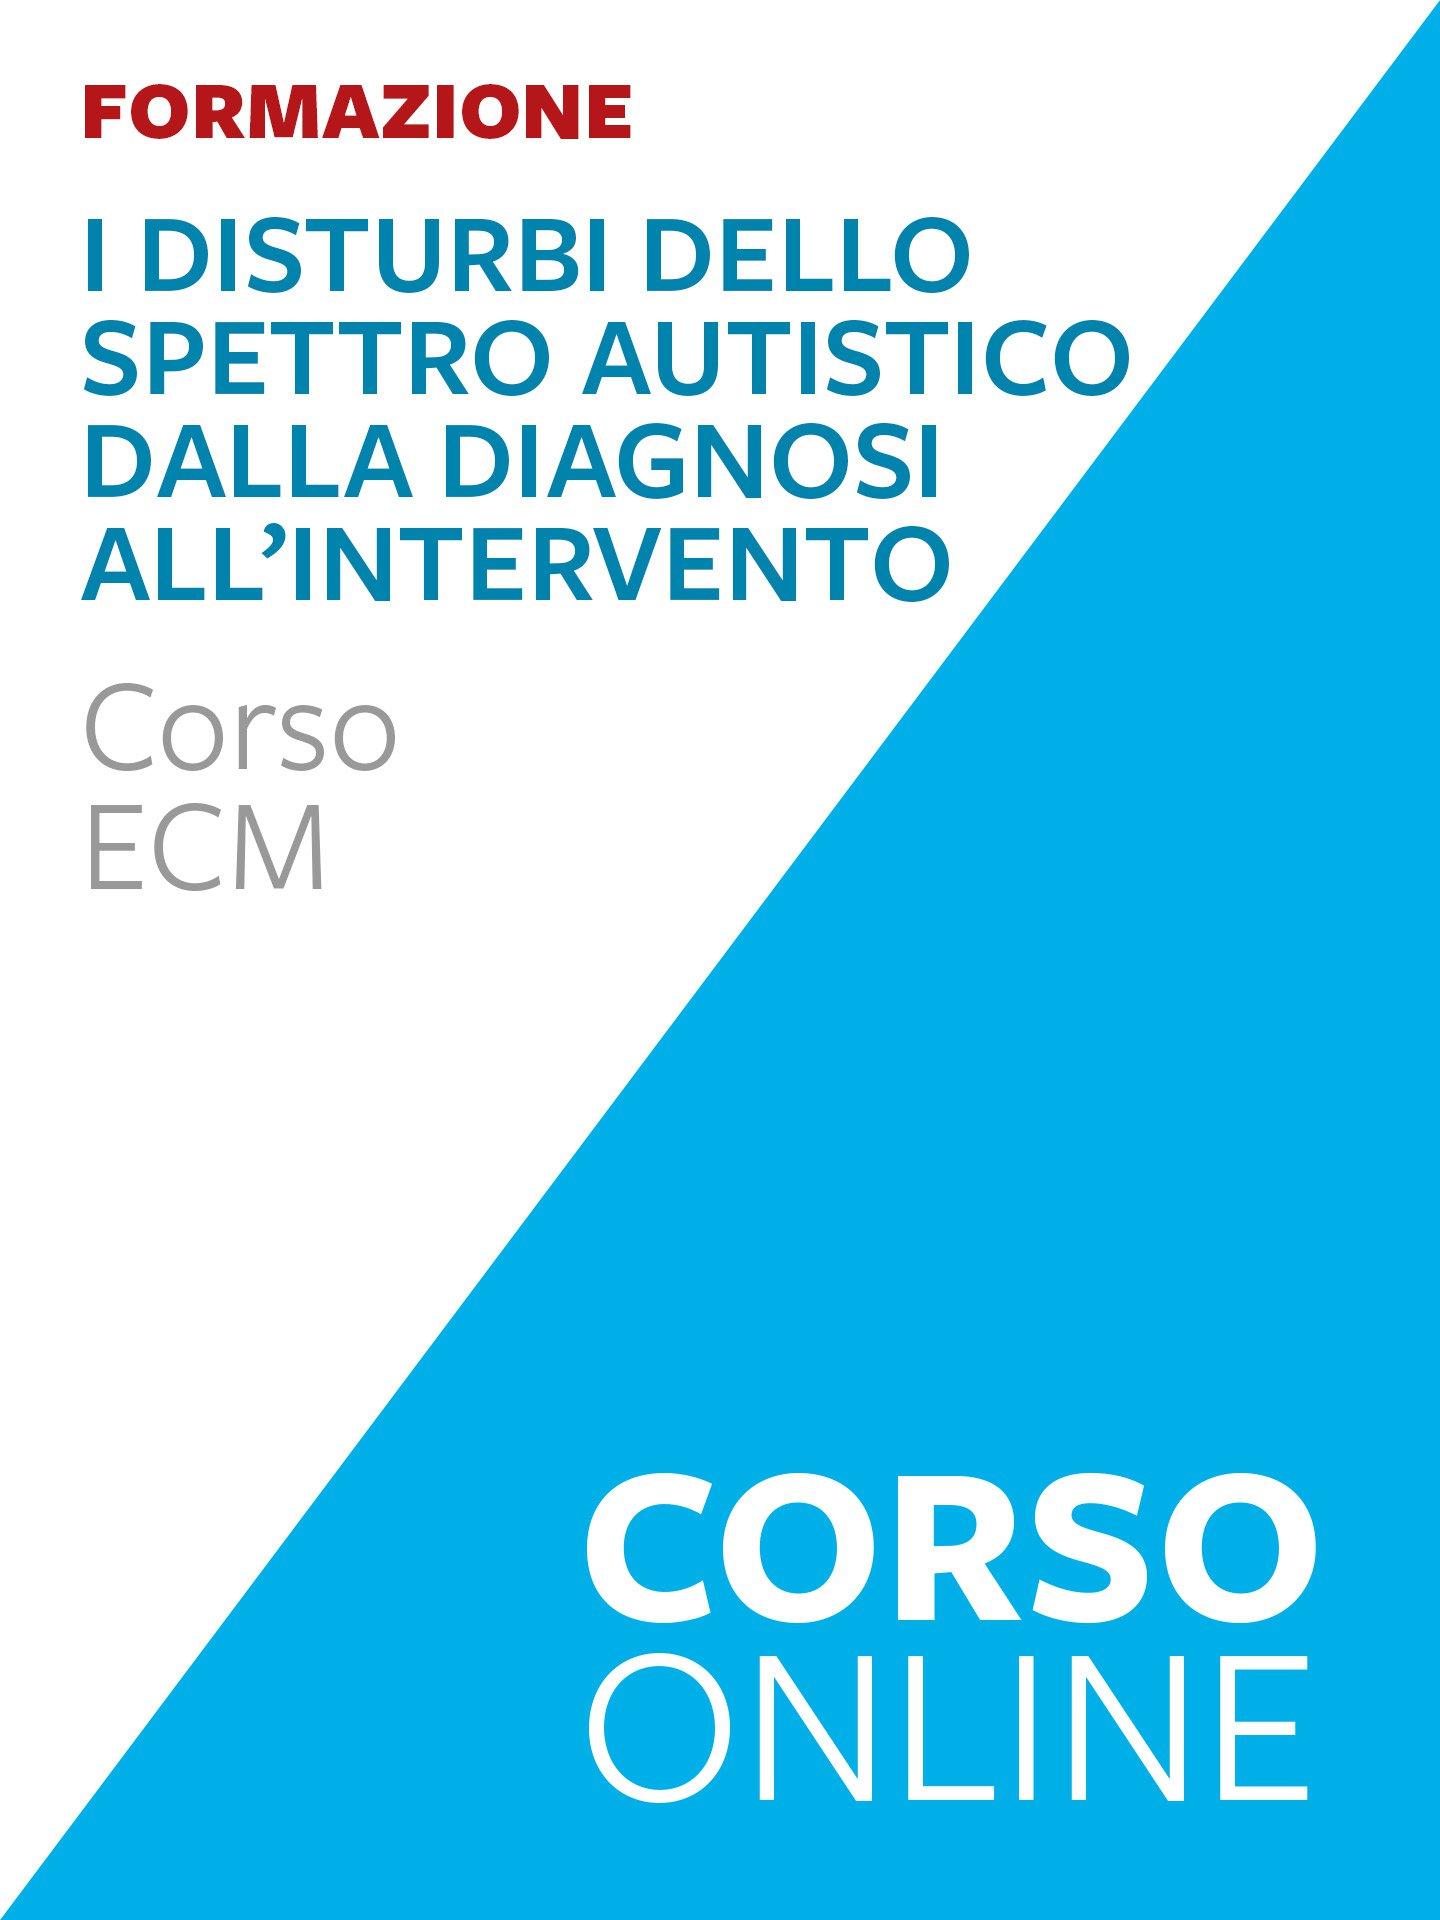 I disturbi dello spettro autistico: dalla diagnosi all'intervento - corso ECM - Psicologia dello sviluppo - Libri - Erickson